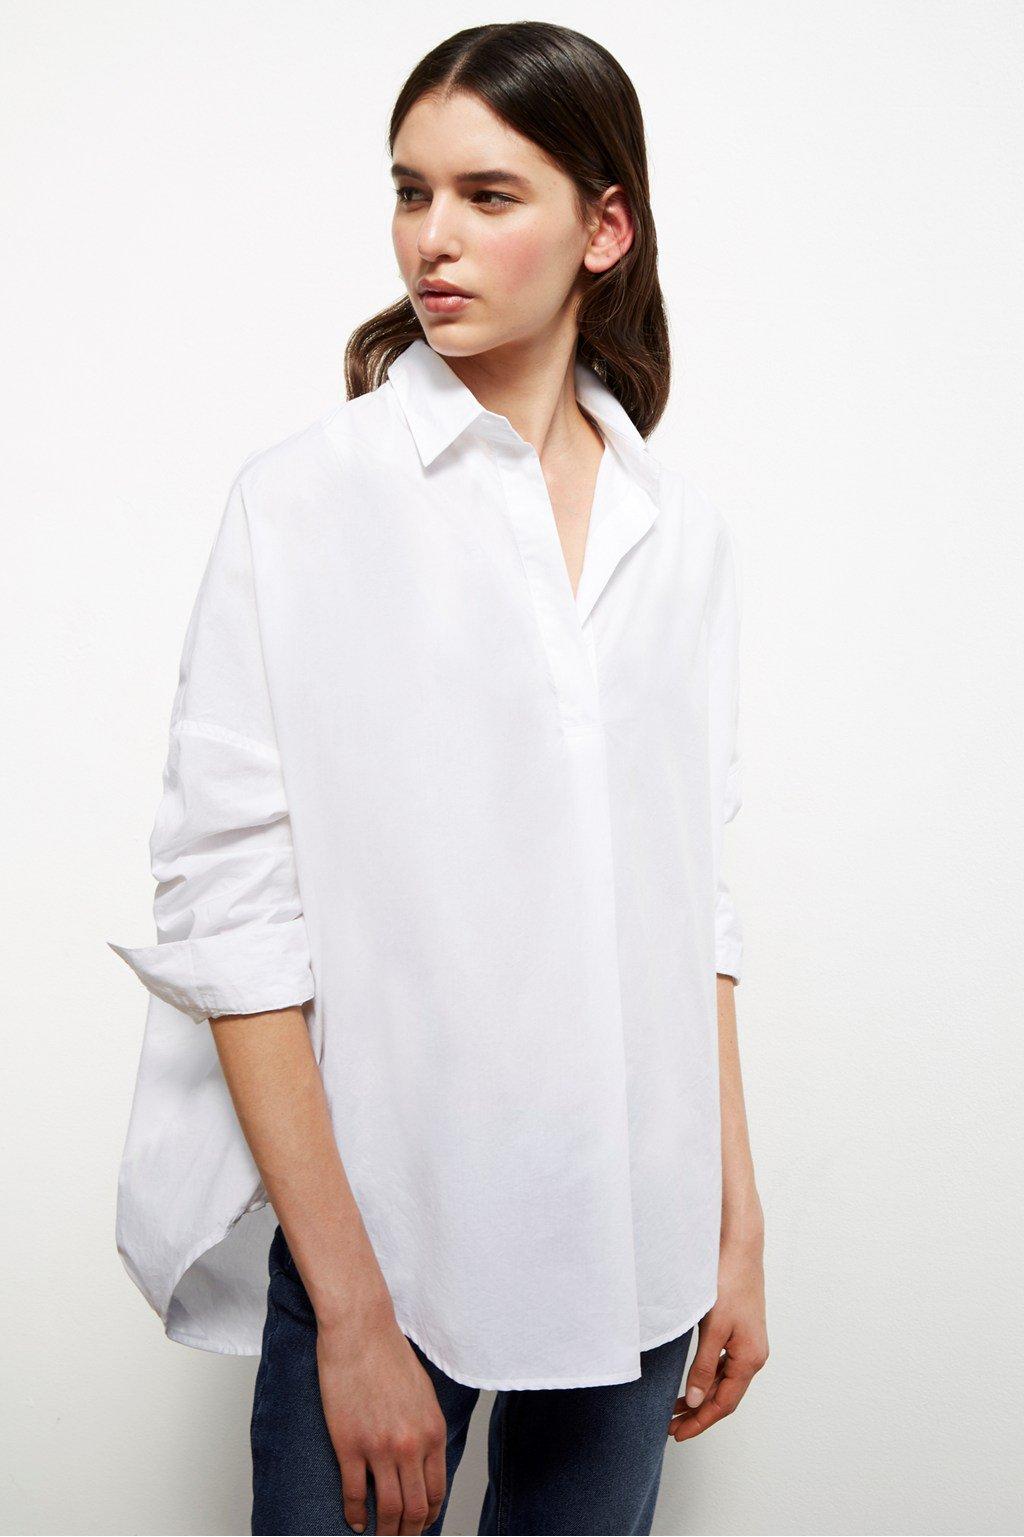 72jz8-womens-lo-linenwhite-rhodes-poplin-relaxed-fit-shirt.jpg